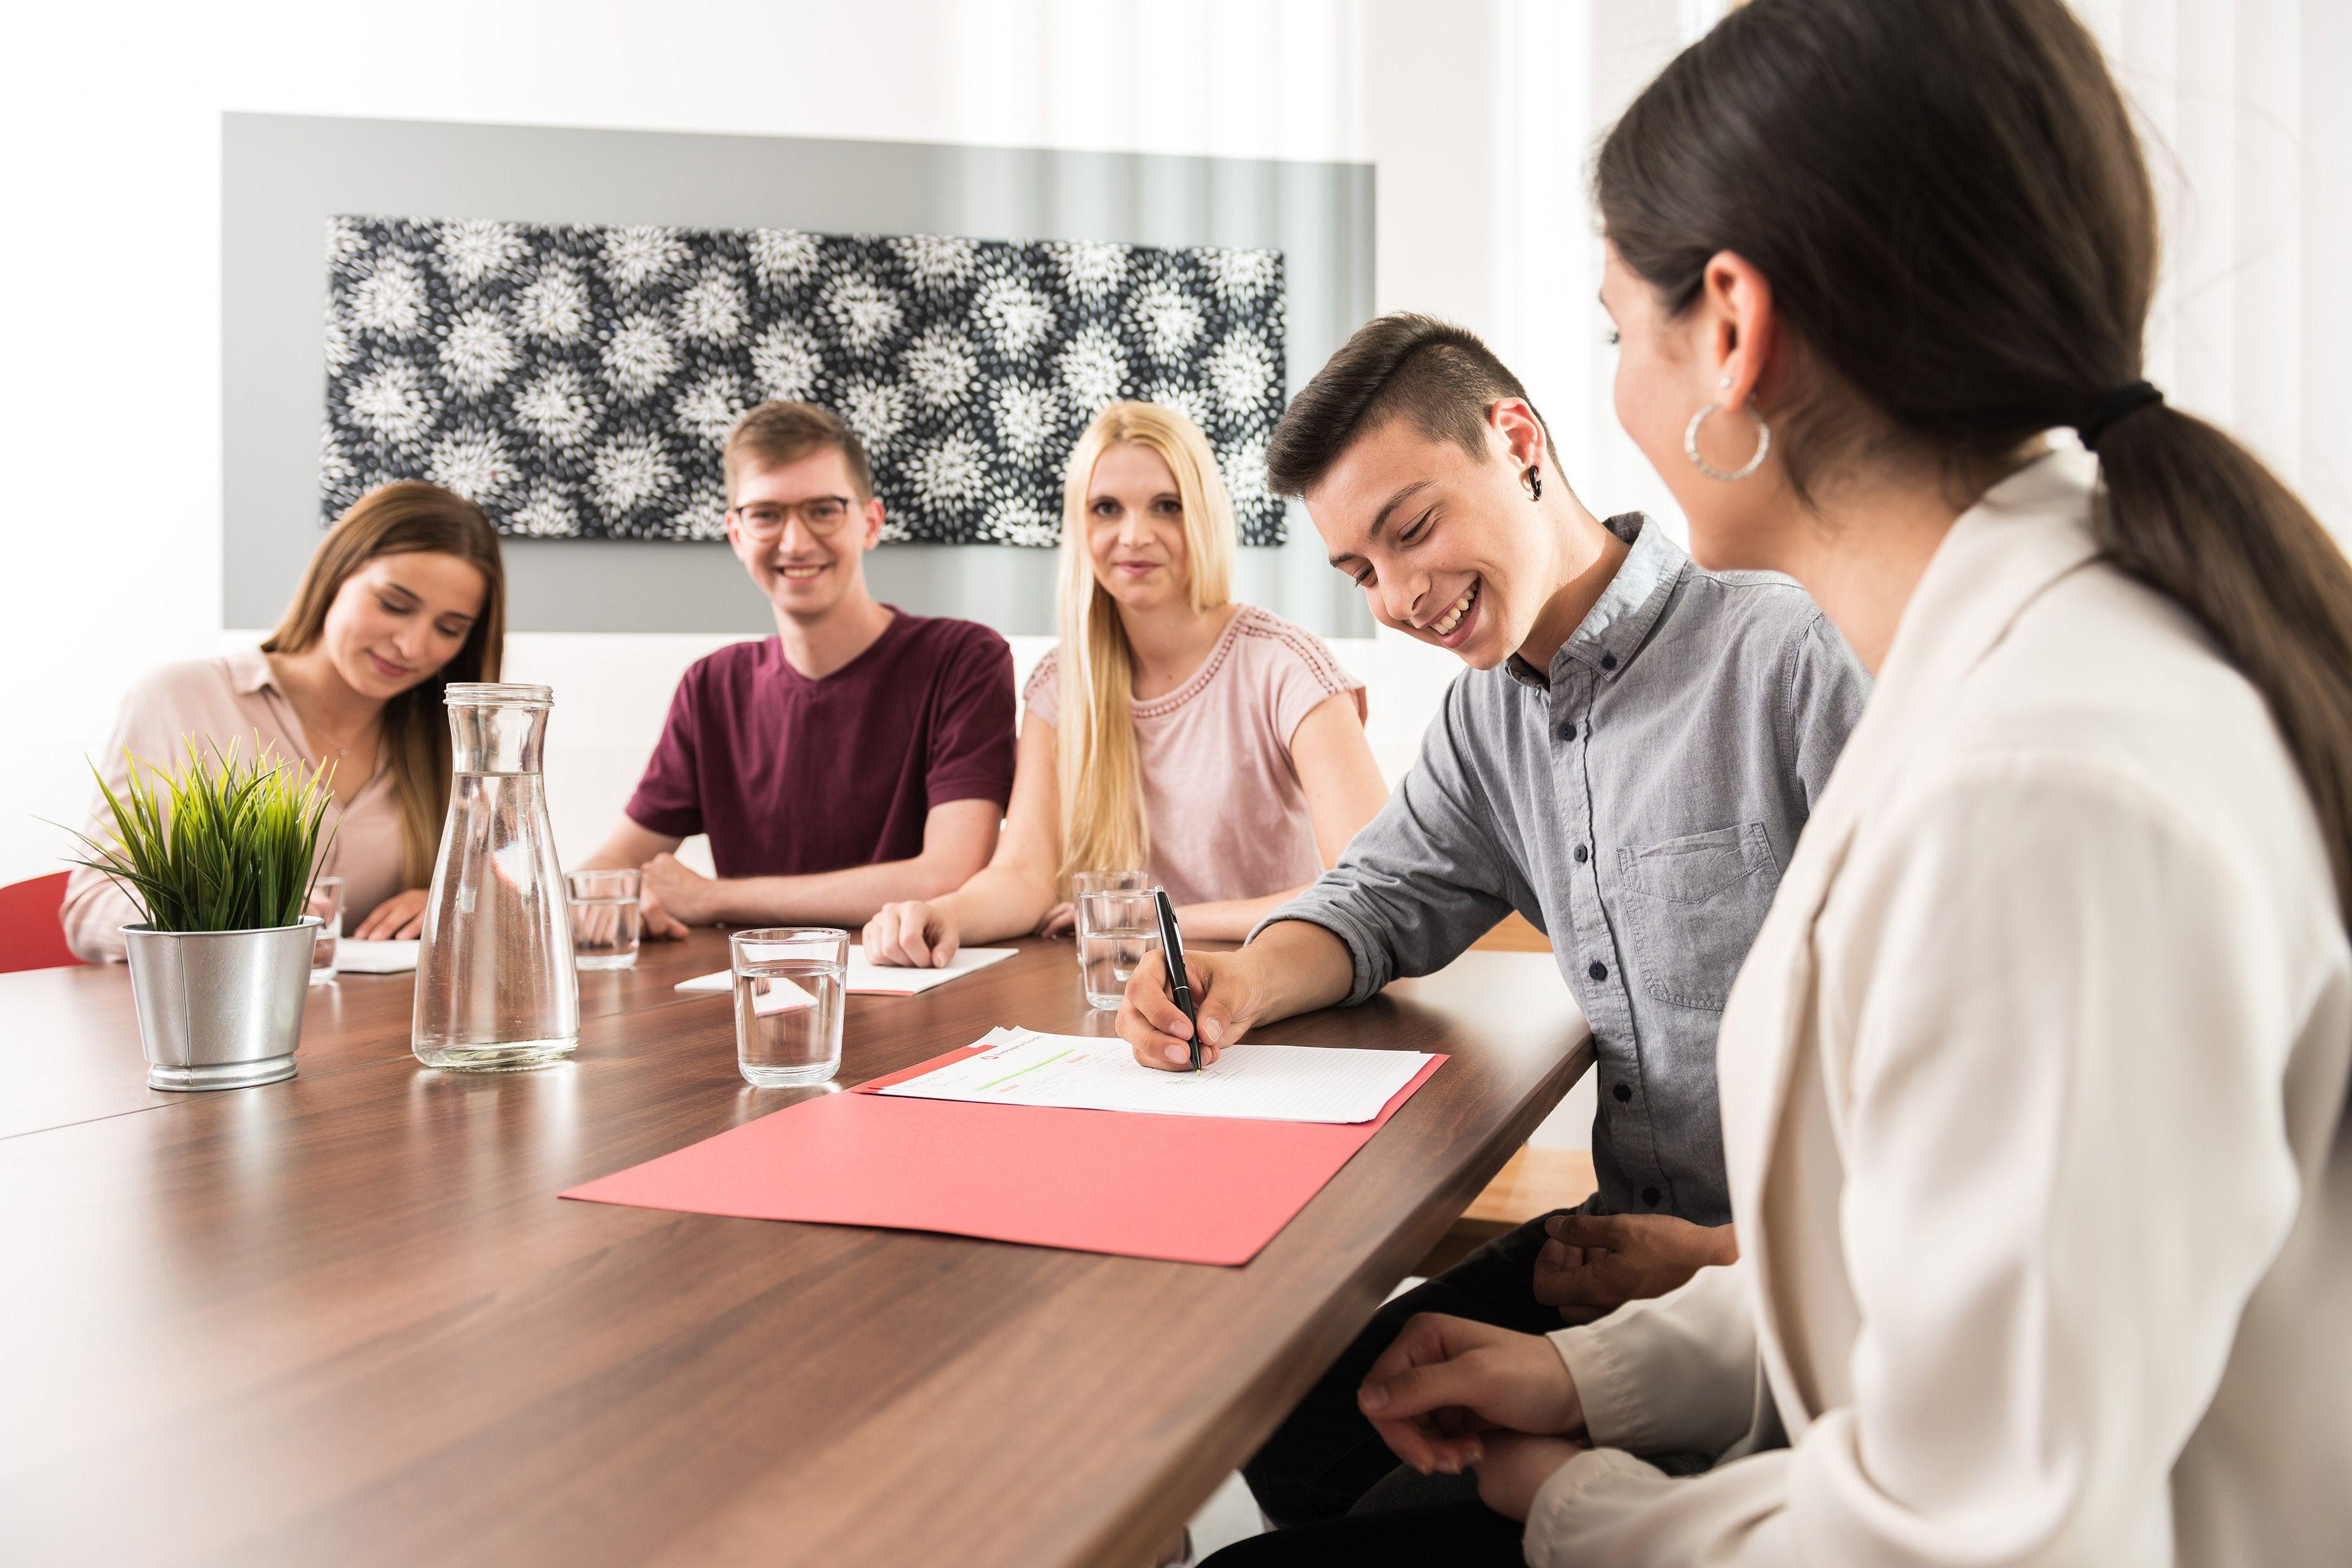 Ausbildung Agentur für Arbeit   freie Ausbildungsplätze